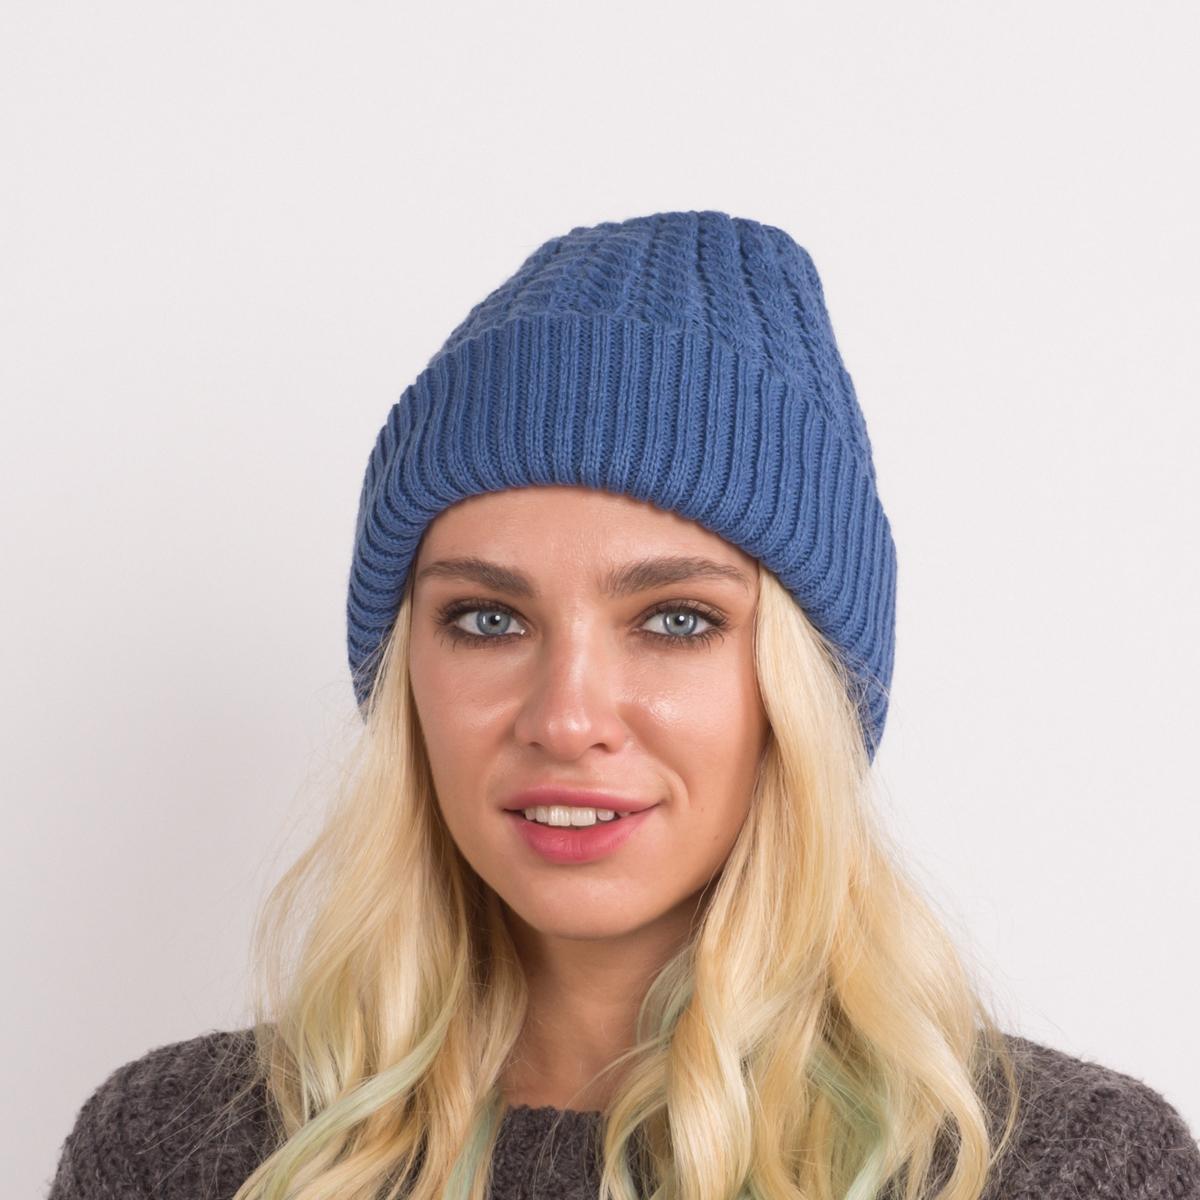 Шапка женская Flioraj, цвет: синий. 07-18FJ. Размер 56/5807-18FJДвухсторонняя шерстяная шапка от Flioraj, выполненная из полиамида с добавлением шерсти и вискозы, отлично согреет в холодную погоду. Состав пряжи делает изделие мягким, теплым и комфортным. Одна сторона выполнена актуальными мелкими косами, вторая сторона - не менее актуальной резинкой. Такую шапочку можно носить с любым видом верхней одежды, достаточно только определиться с цветом.